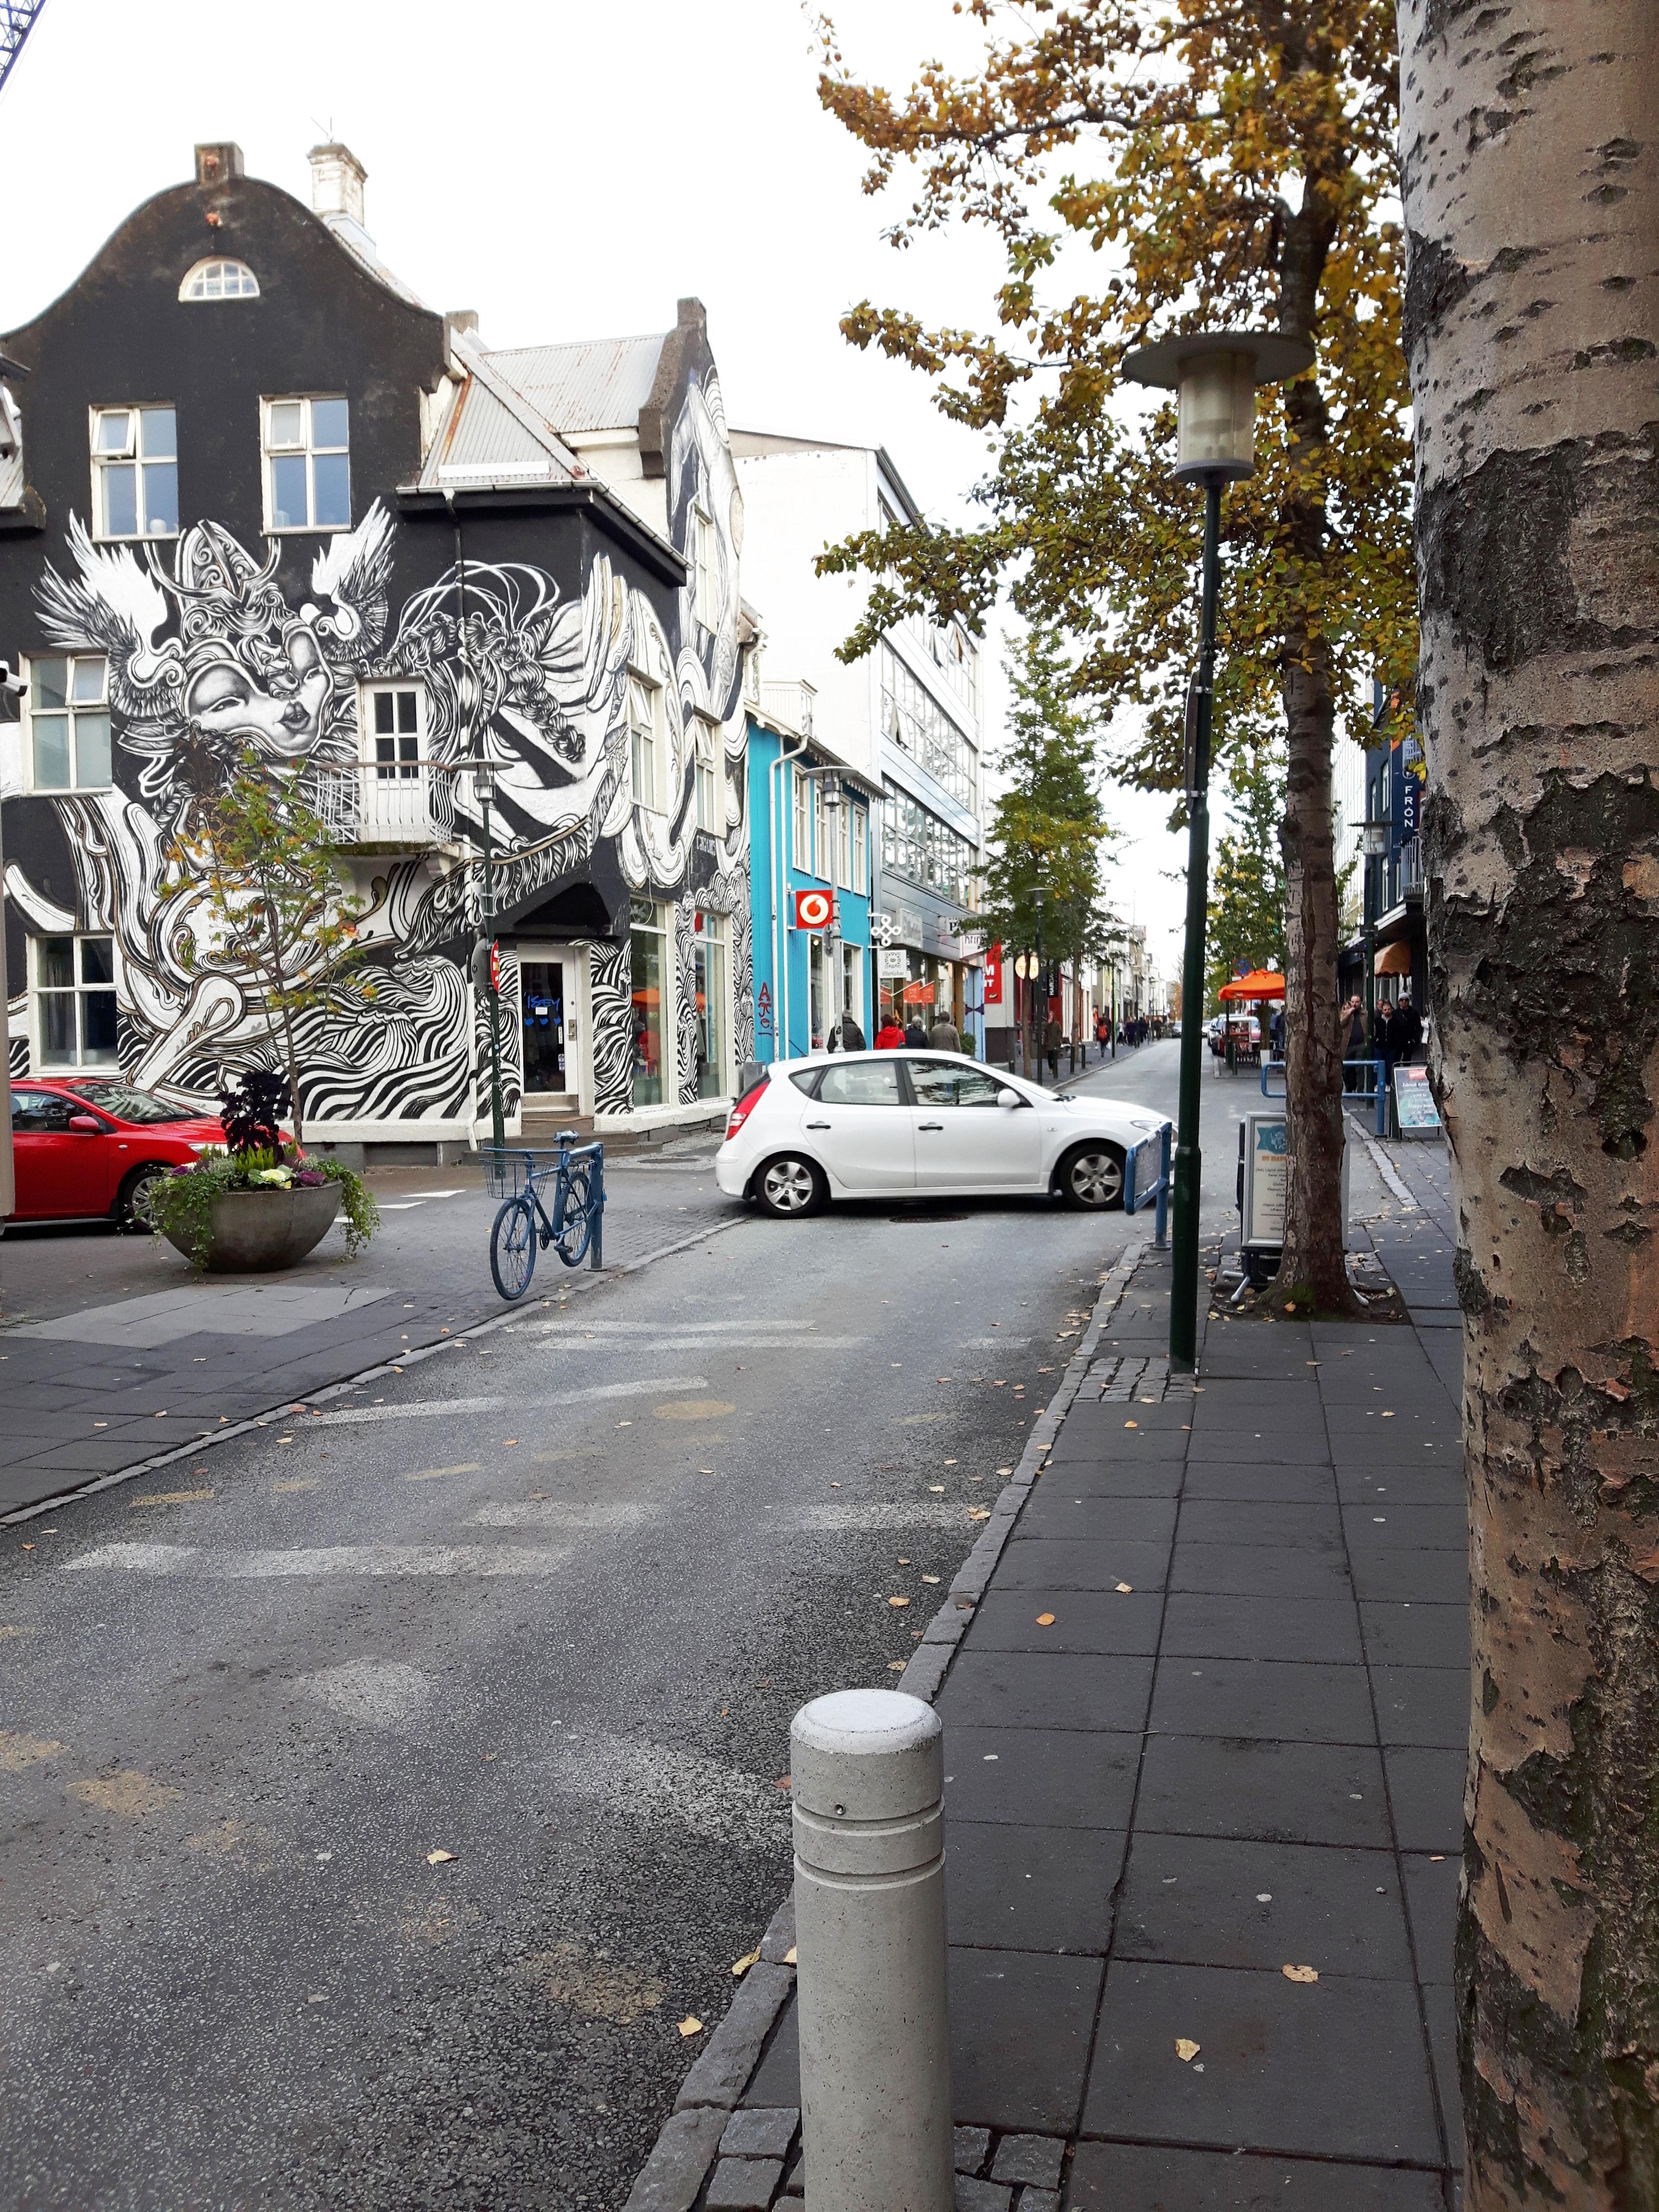 Streets_of_Reykjavik_Iceland